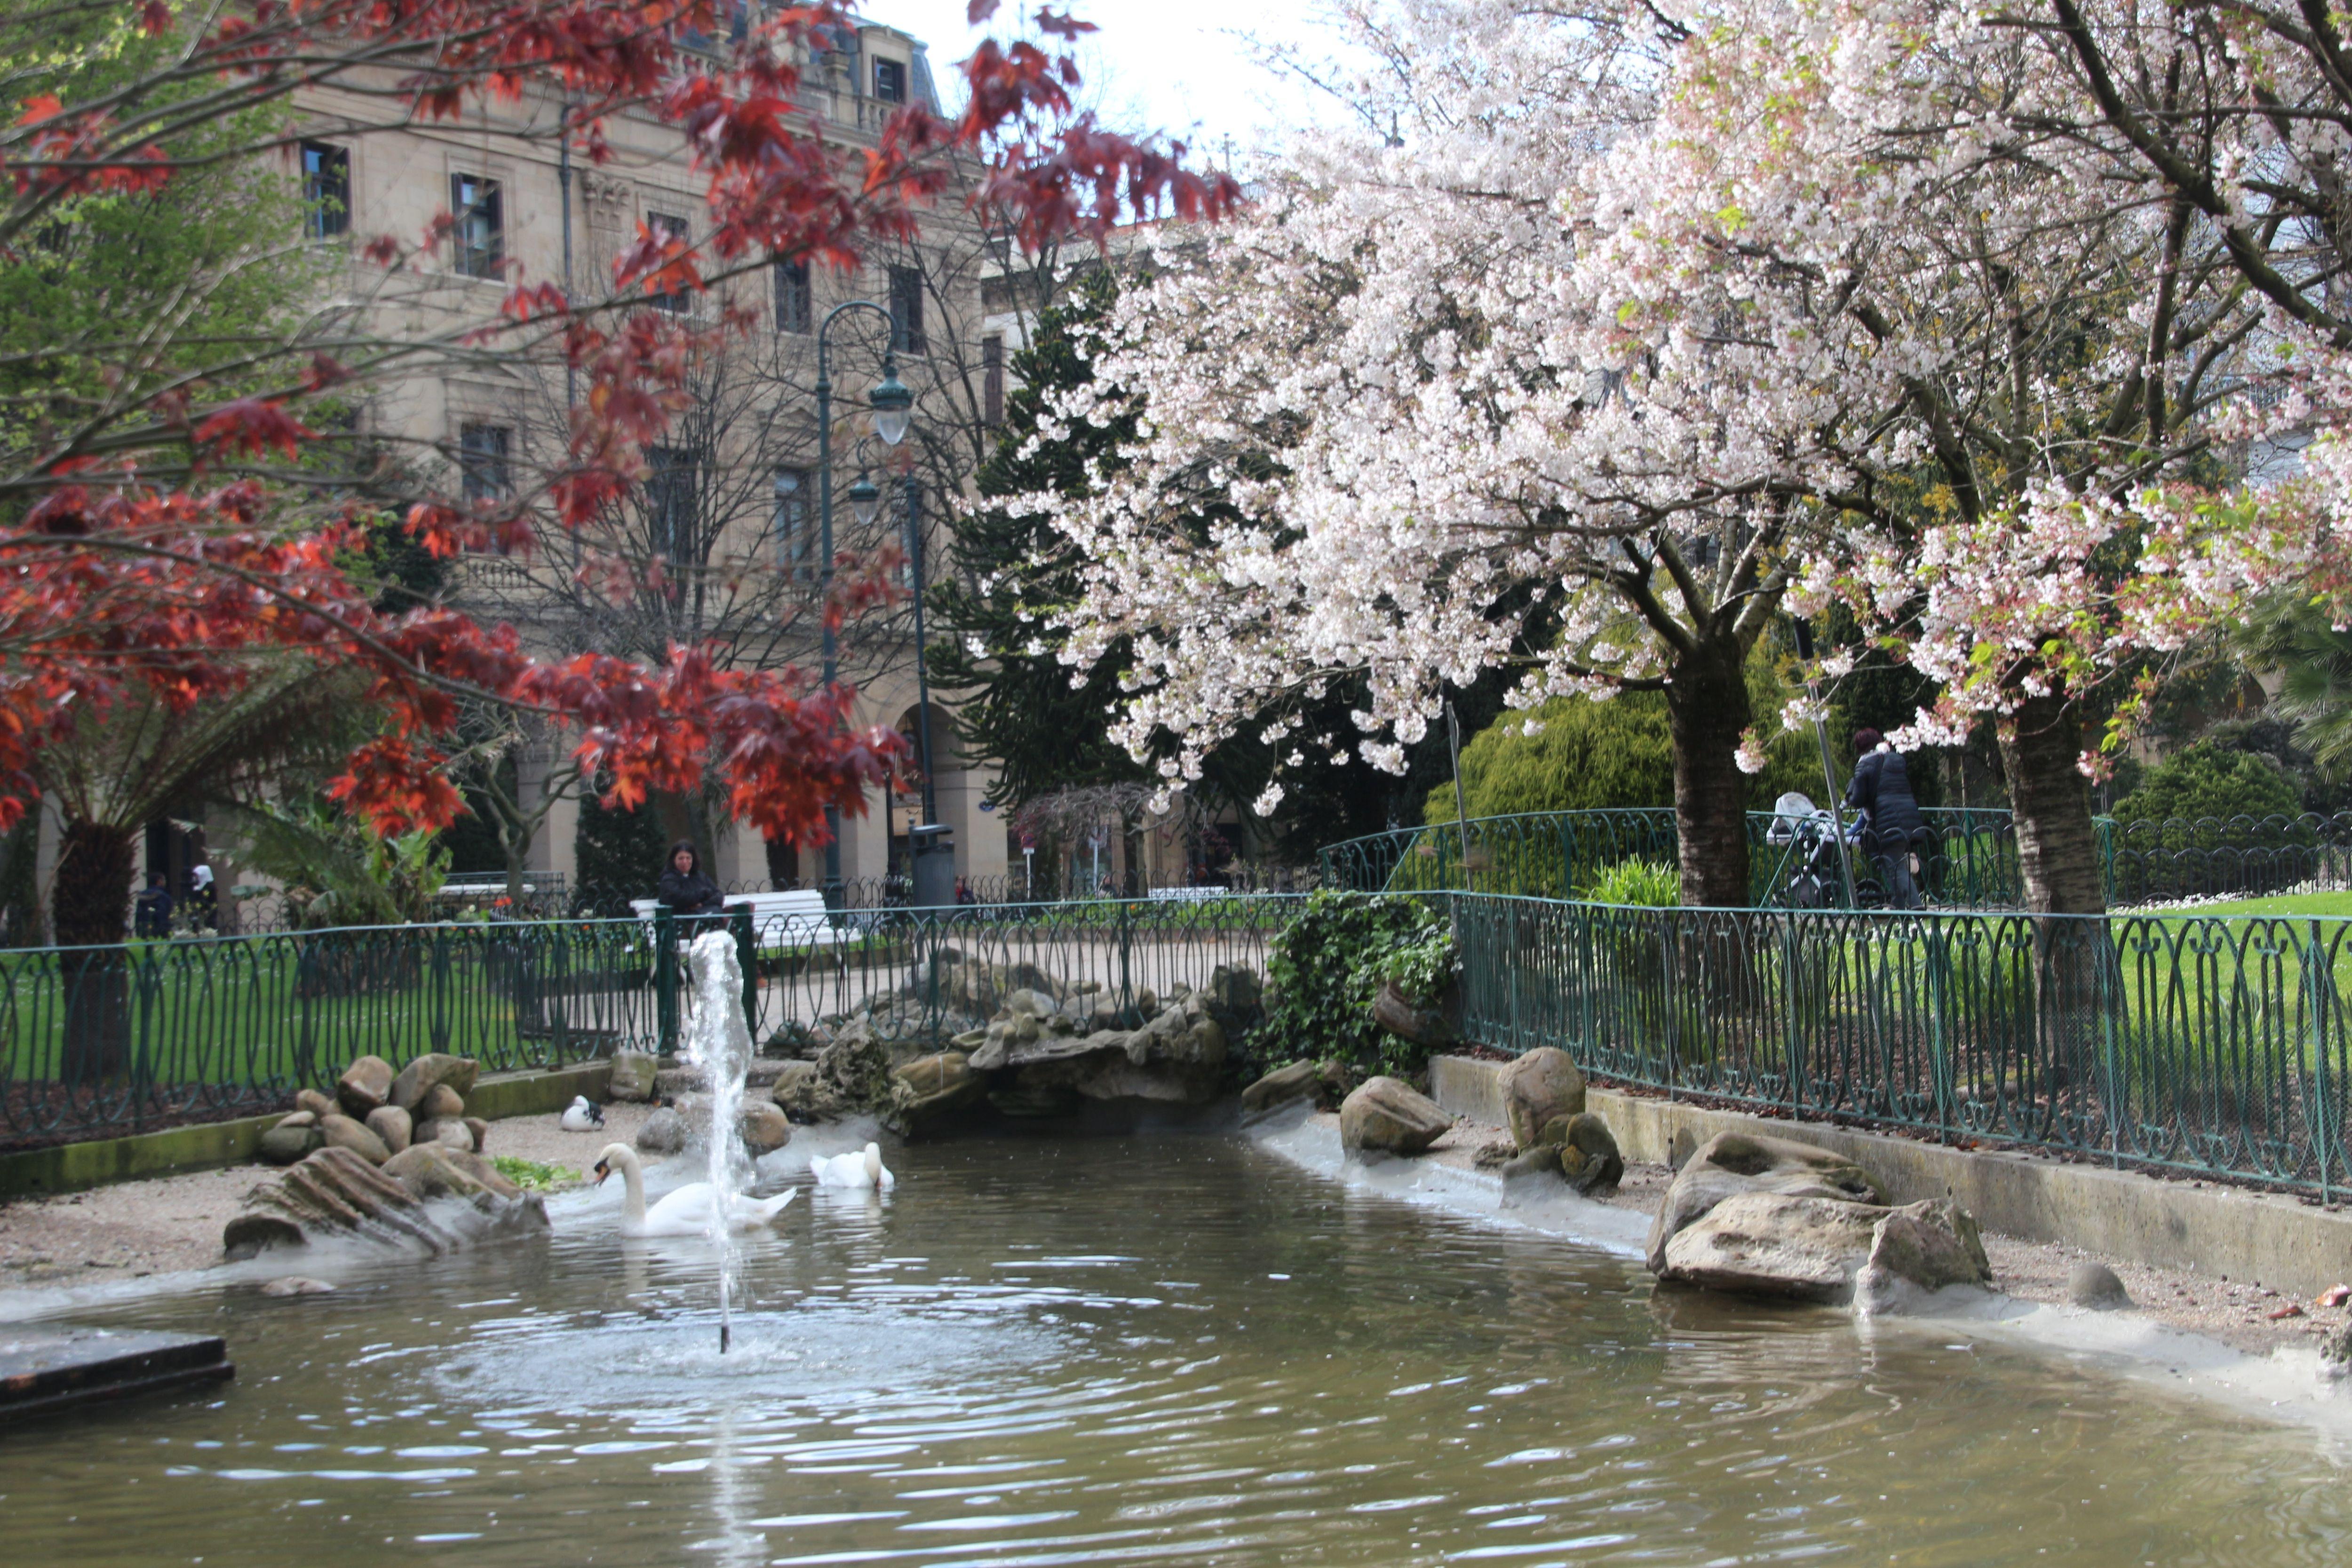 Plaza gipuzkoa fotos de rincones de donostia - Clima en donostia san sebastian ...